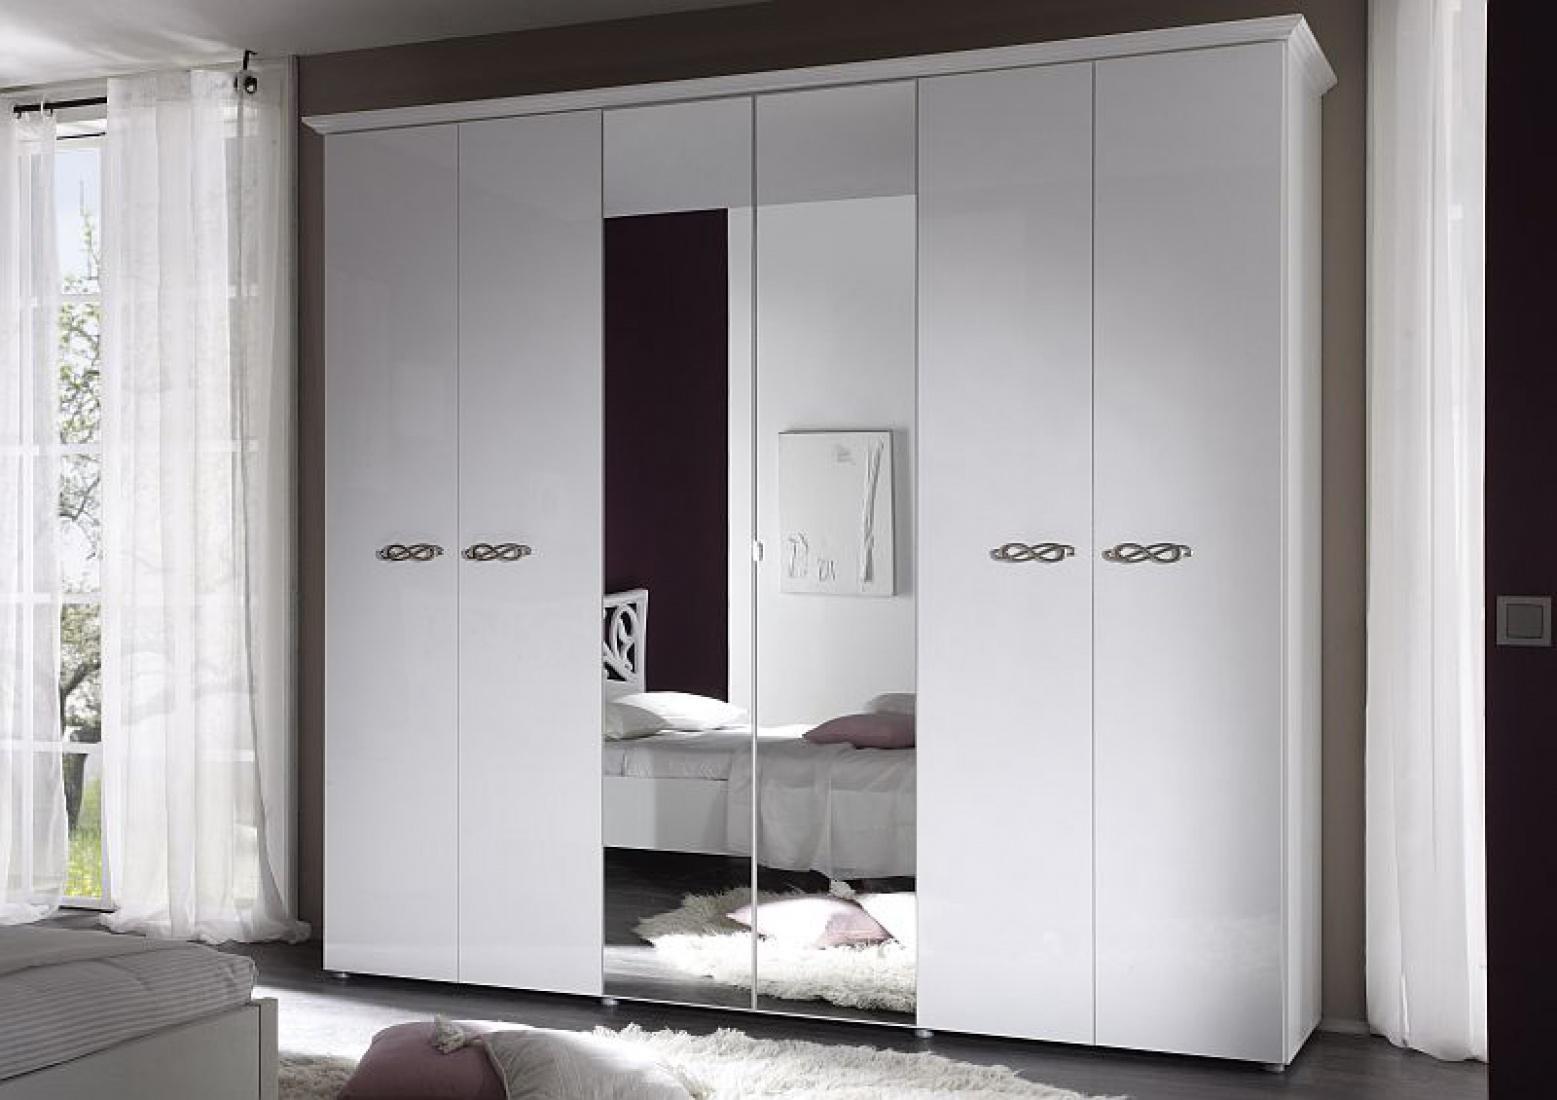 kleiderschrank sonja 6 t rig weiss hochglanz kaufen bei m bel lux. Black Bedroom Furniture Sets. Home Design Ideas